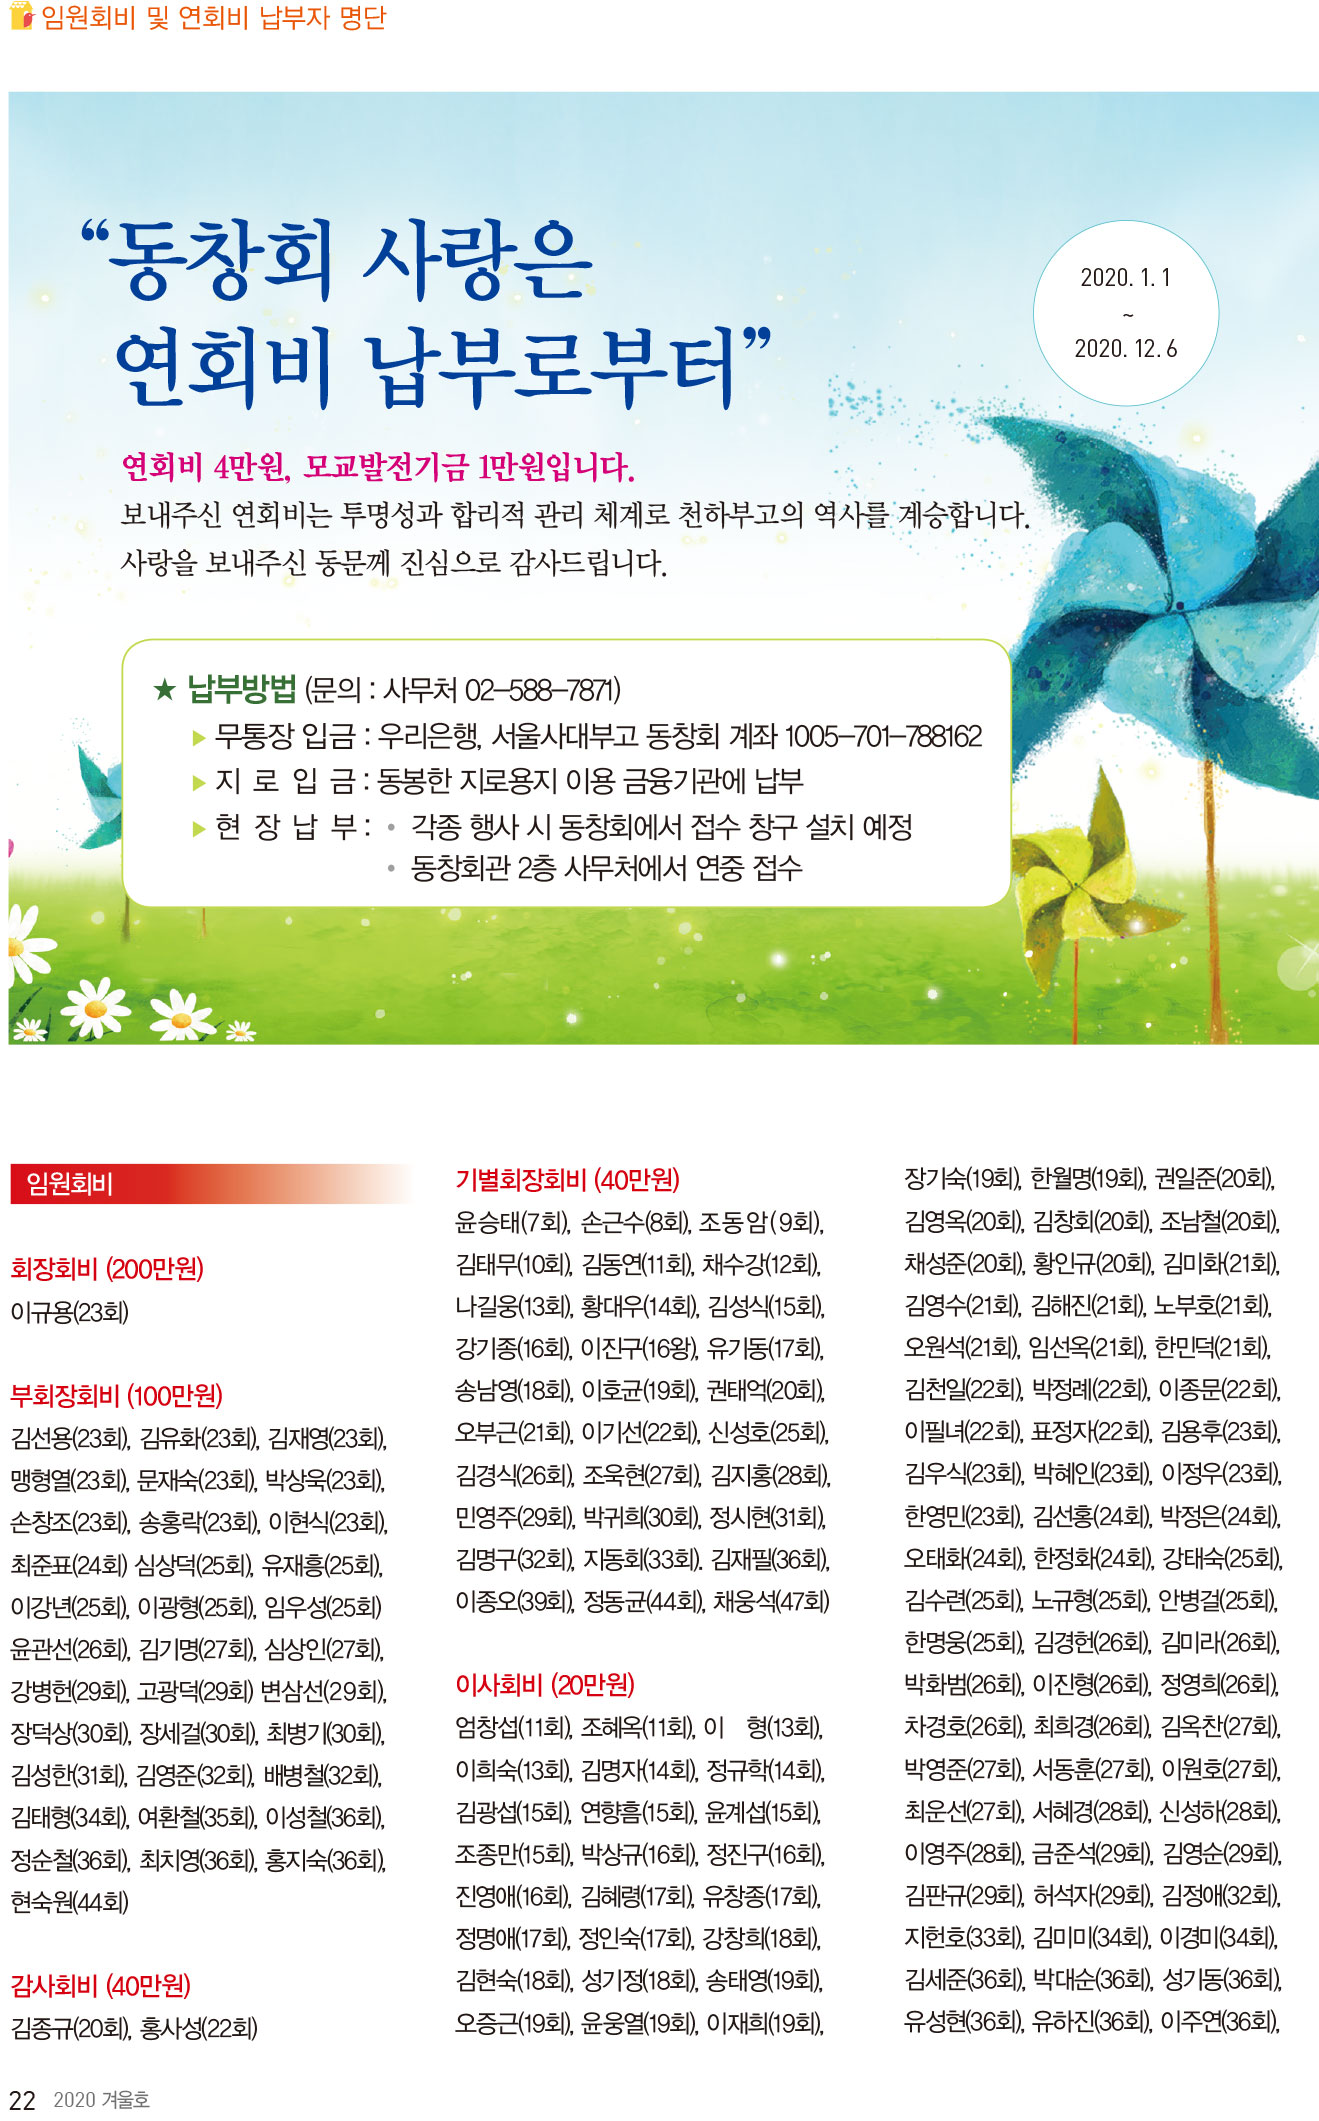 서울사대부고-115호-홈페이지-22.jpg